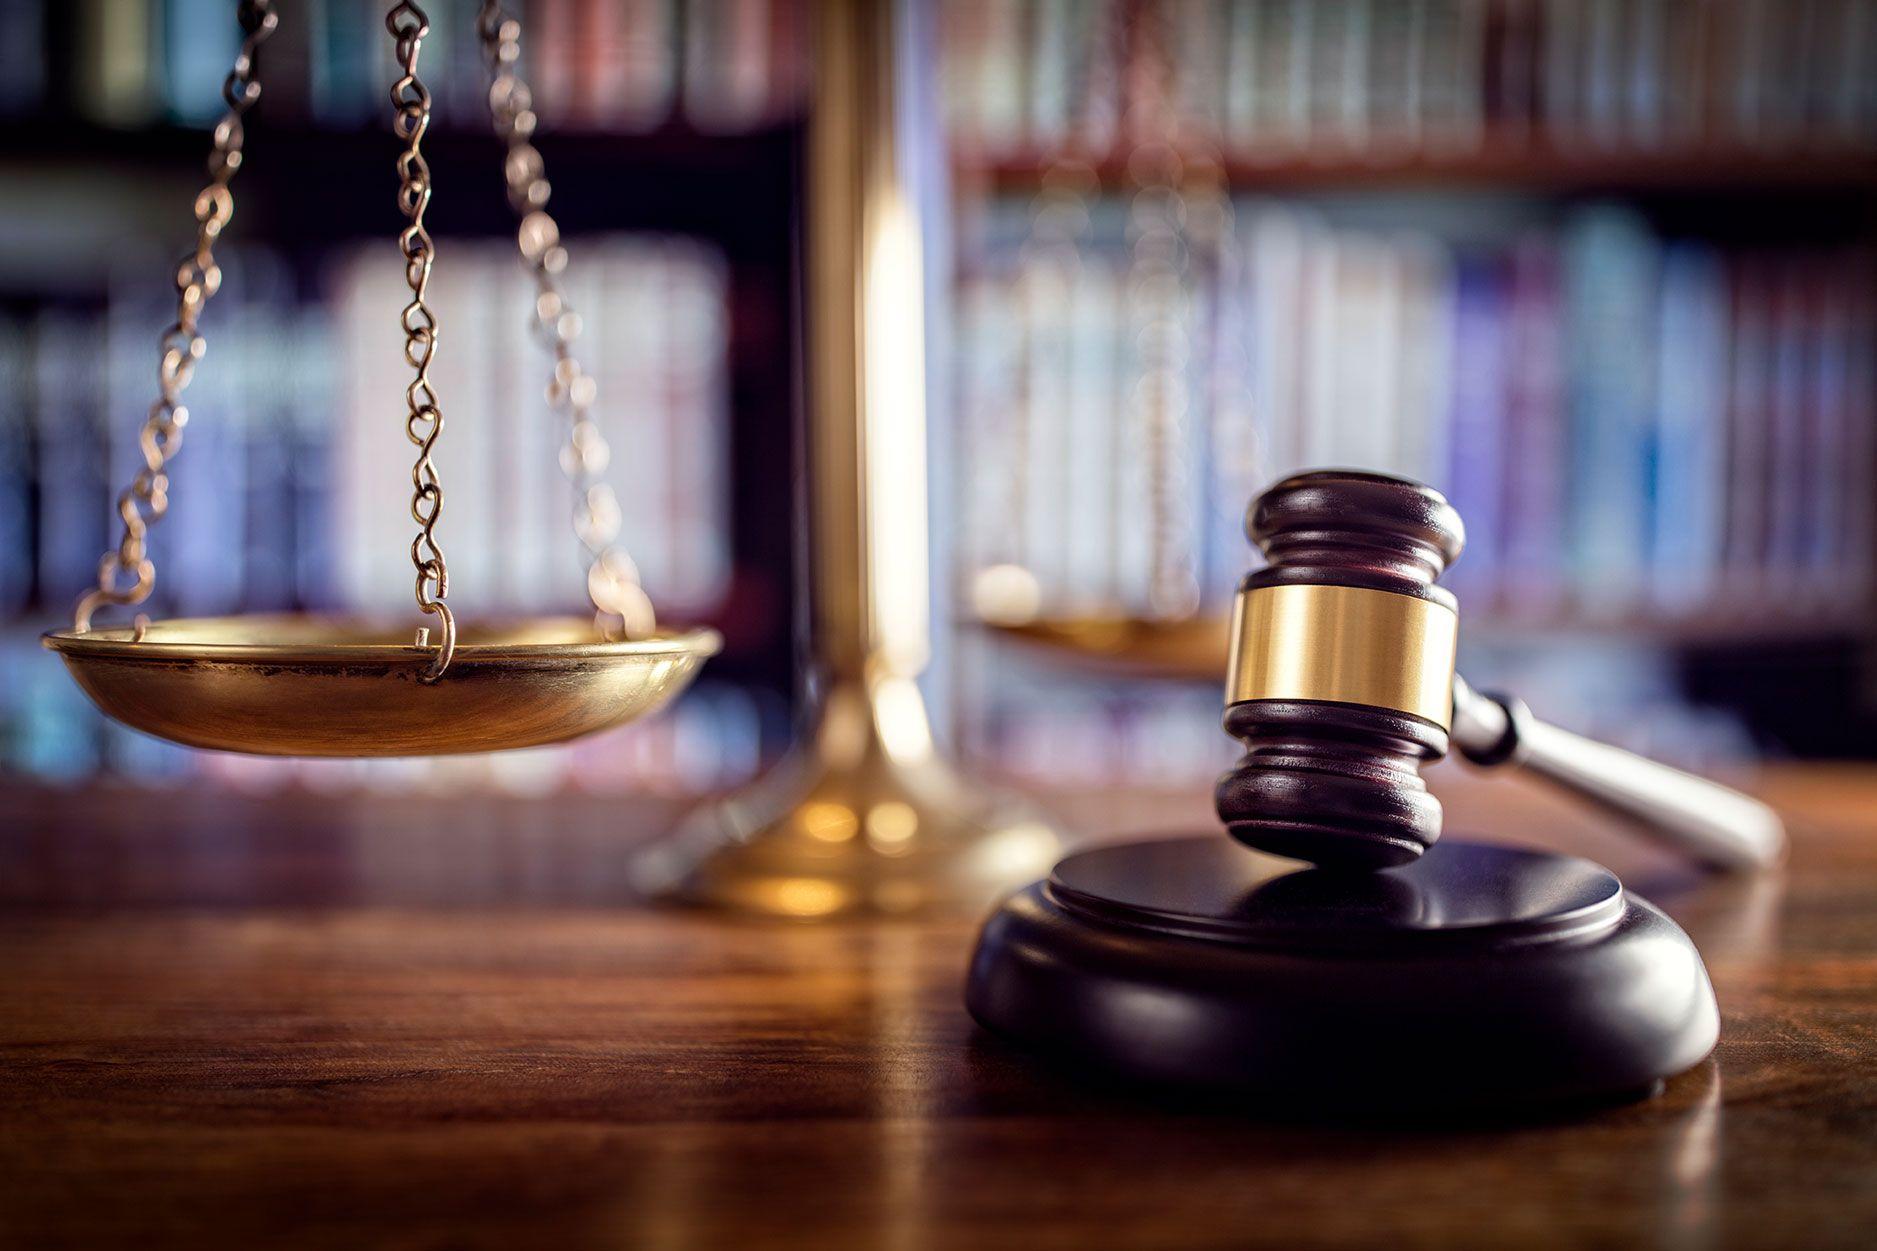 Finanzen & Recht